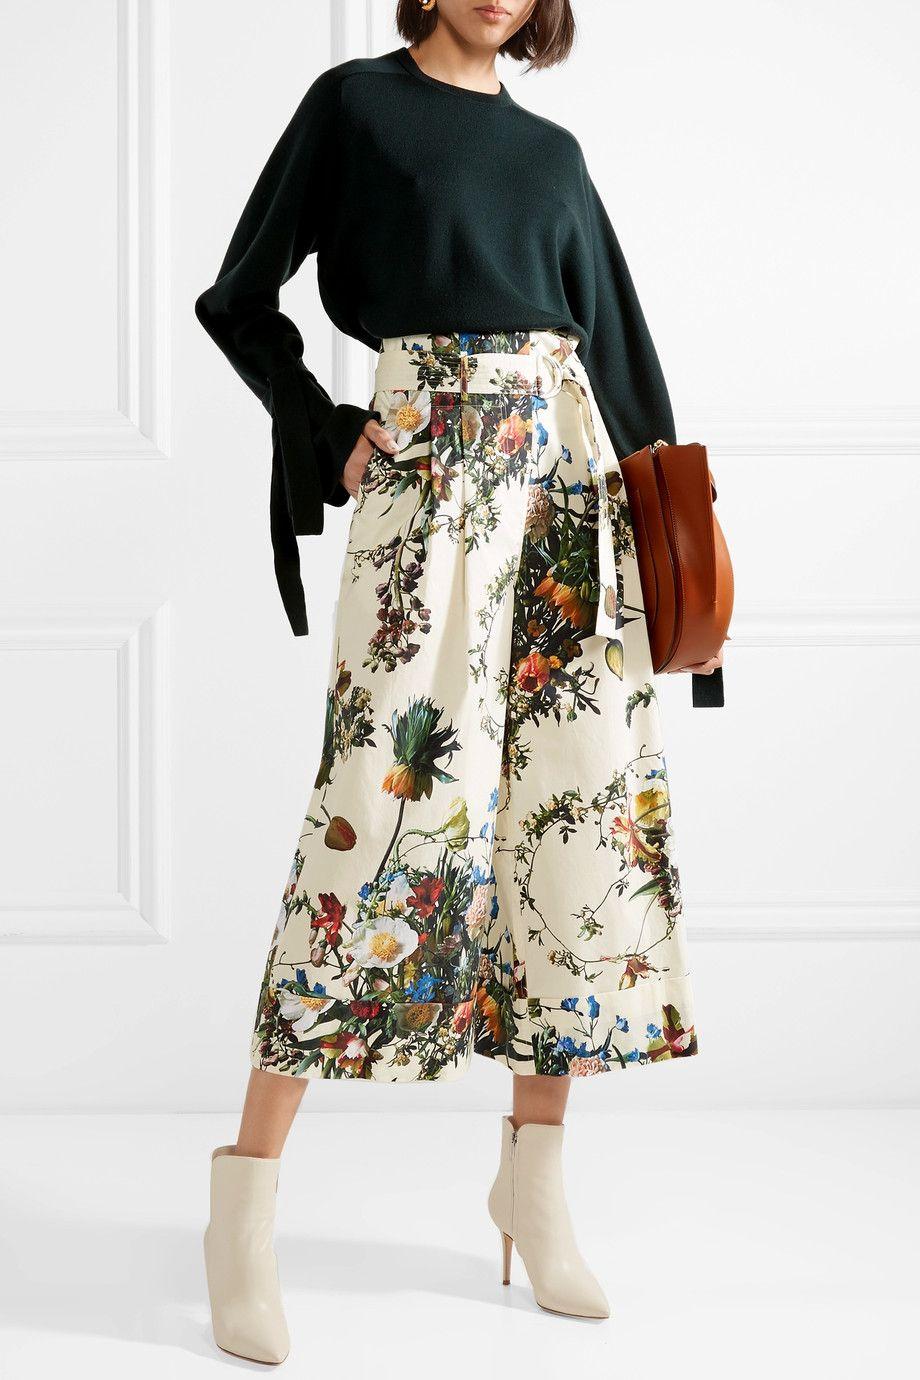 Floral-print Wool Midi Dress - Ecru Adam Lippes ziXG7mtvfl